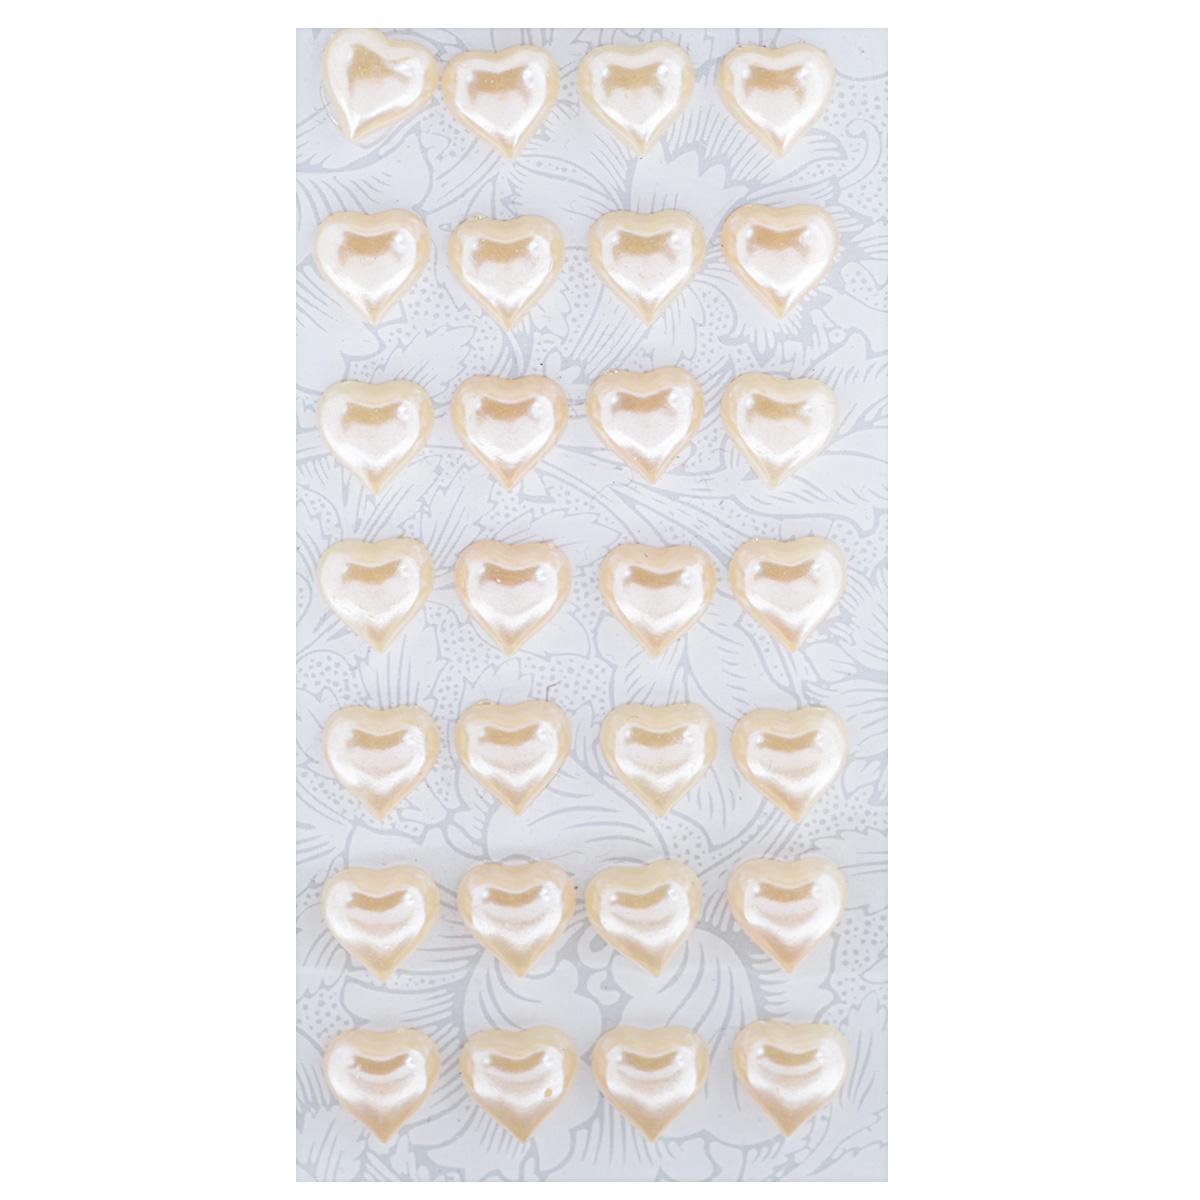 Наклейки декоративные Астра, цвет: бежевый (16), 12 мм х 12 мм, 28 шт7704132_16Декоративные наклейки Астра, изготовленные из пластика, прекрасно подойдут для оформления творческих работ в технике скрапбукинга. Их можно использовать для украшения фотоальбомов, скрап-страничек, подарков, конвертов, фоторамок, открыток и т.д. Объемные наклейки, выполненные в форме сердец, оснащены задней клейкой стороной. Скрапбукинг - это хобби, которое способно приносить массу приятных эмоций не только человеку, который этим занимается, но и его близким, друзьям, родным. Это невероятно увлекательное занятие, которое поможет вам сохранить наиболее памятные и яркие моменты вашей жизни, а также интересно оформить интерьер дома. Размер наклейки: 12 мм х 12 мм.